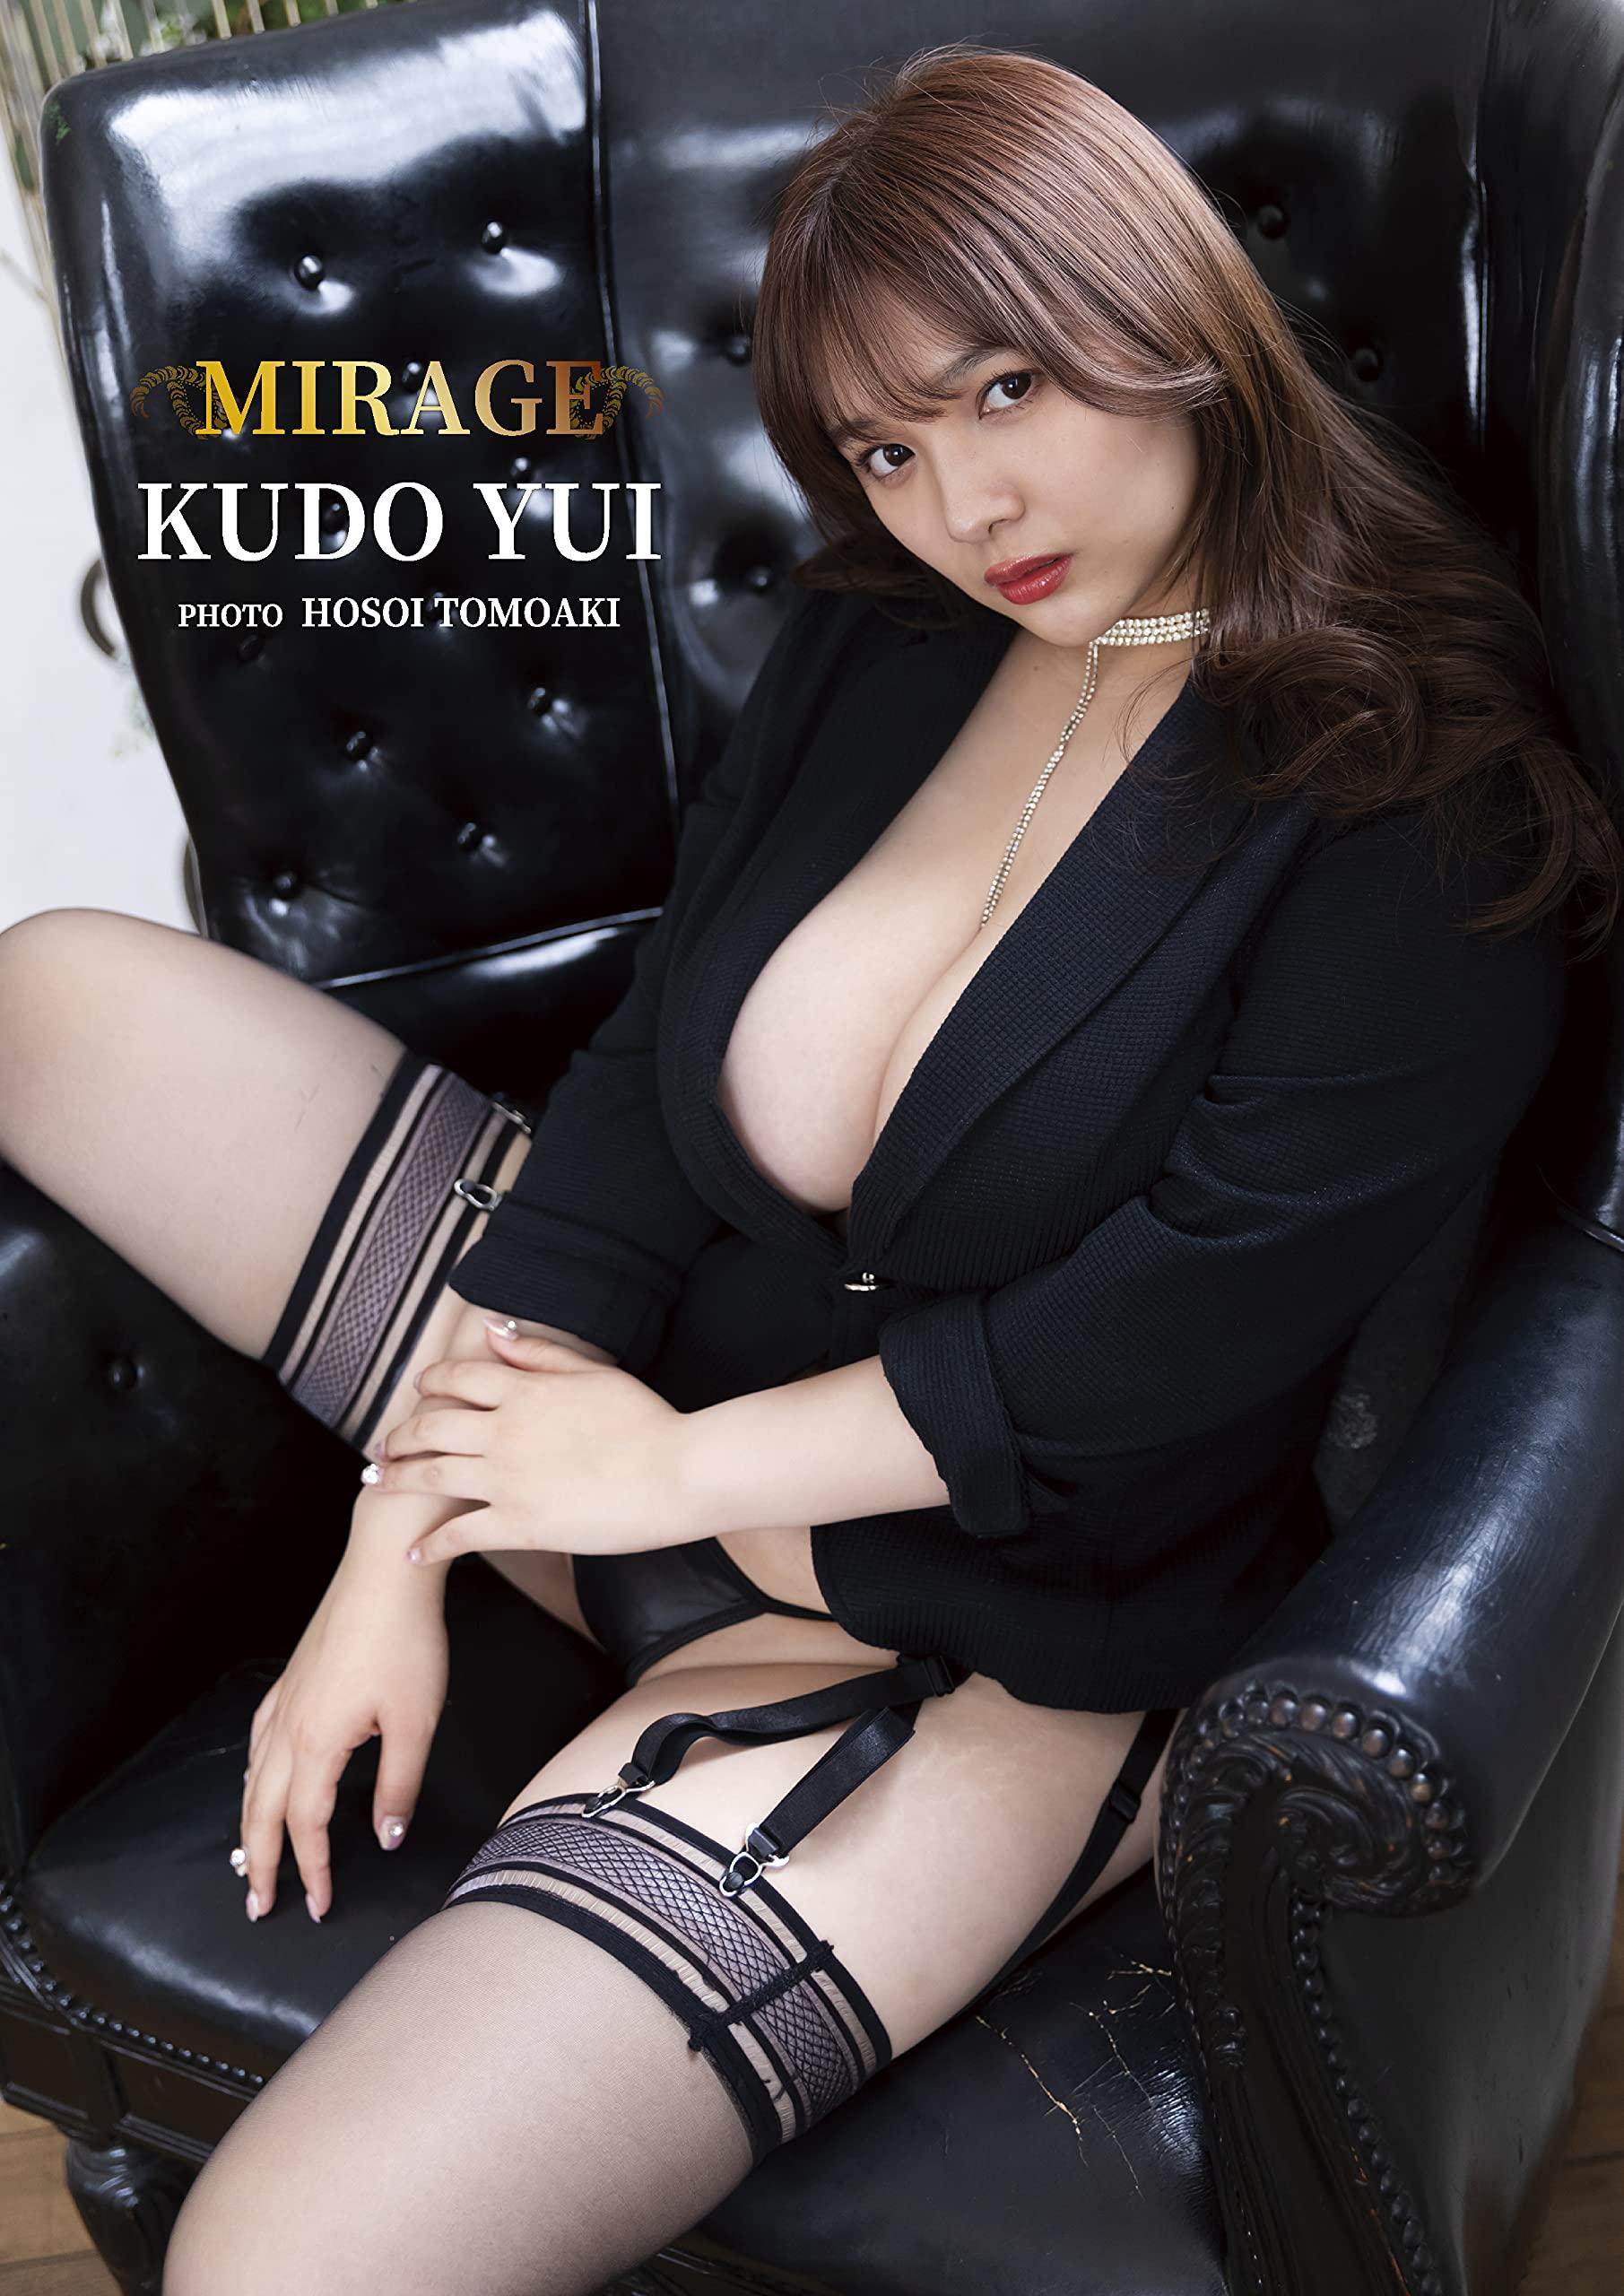 工藤唯 写真集「MIRAGE」A4版